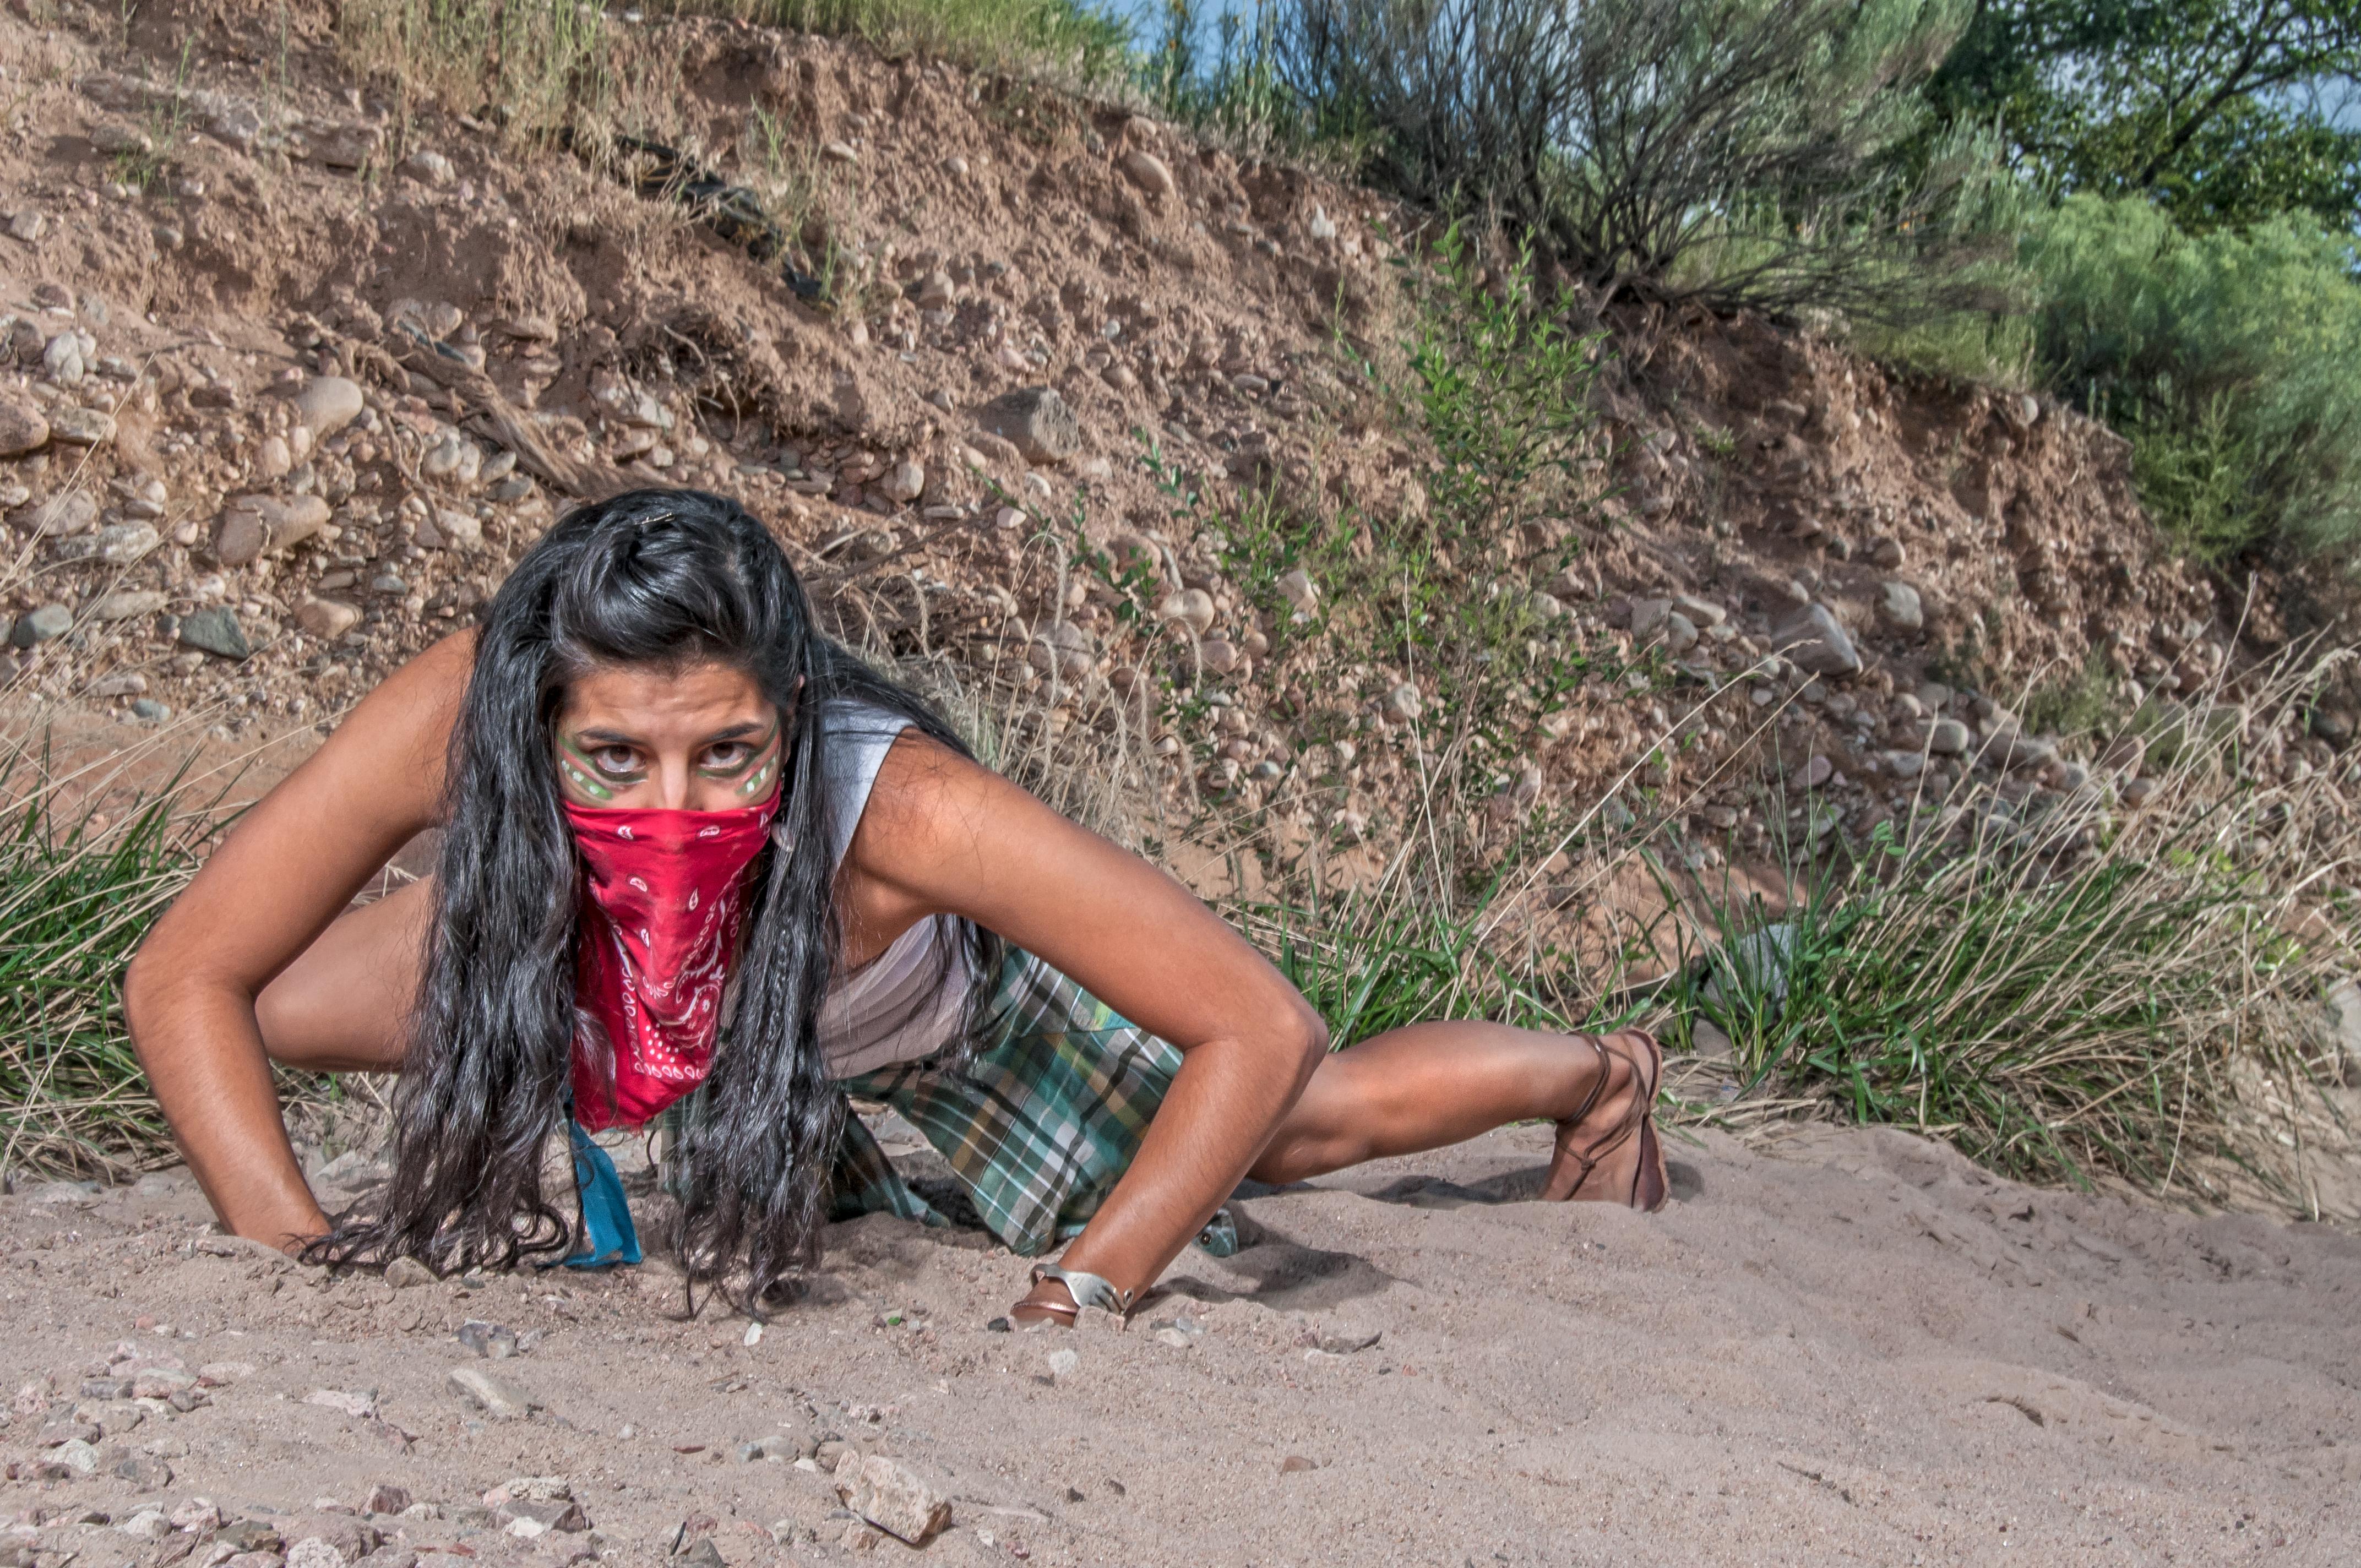 SF Mission Dance Program Highlights Indigenous Struggle